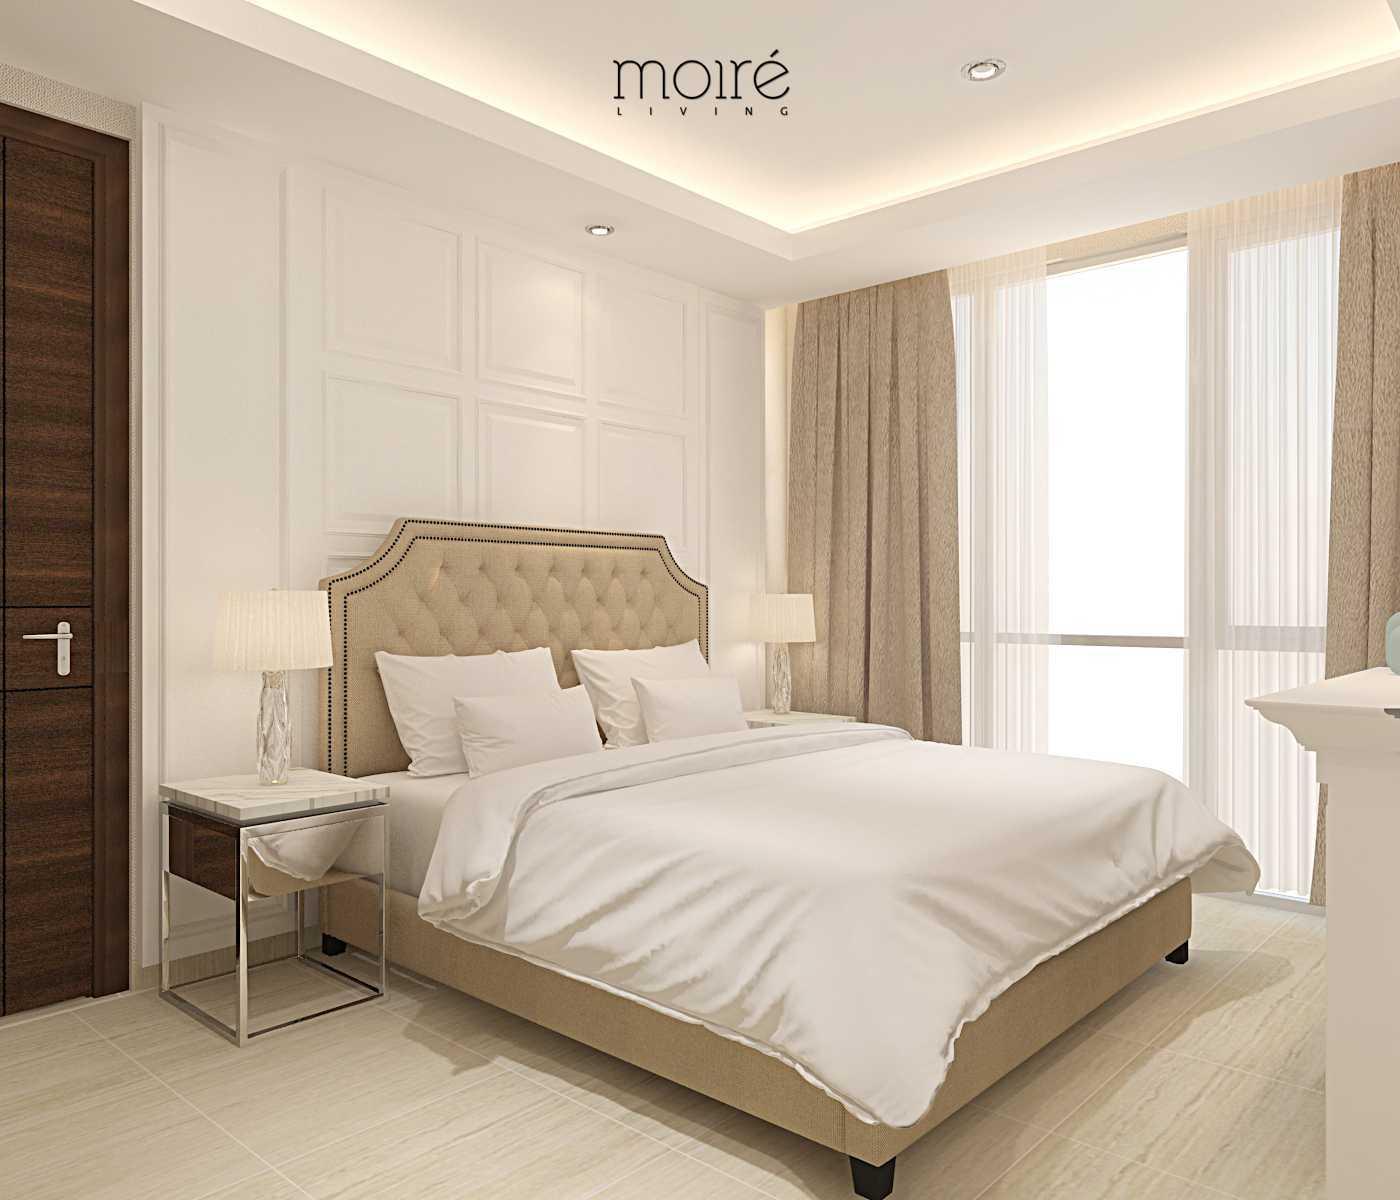 Foto inspirasi ide desain apartemen klasik Moire-living-windsor-apartment oleh MOIRE LIVING di Arsitag